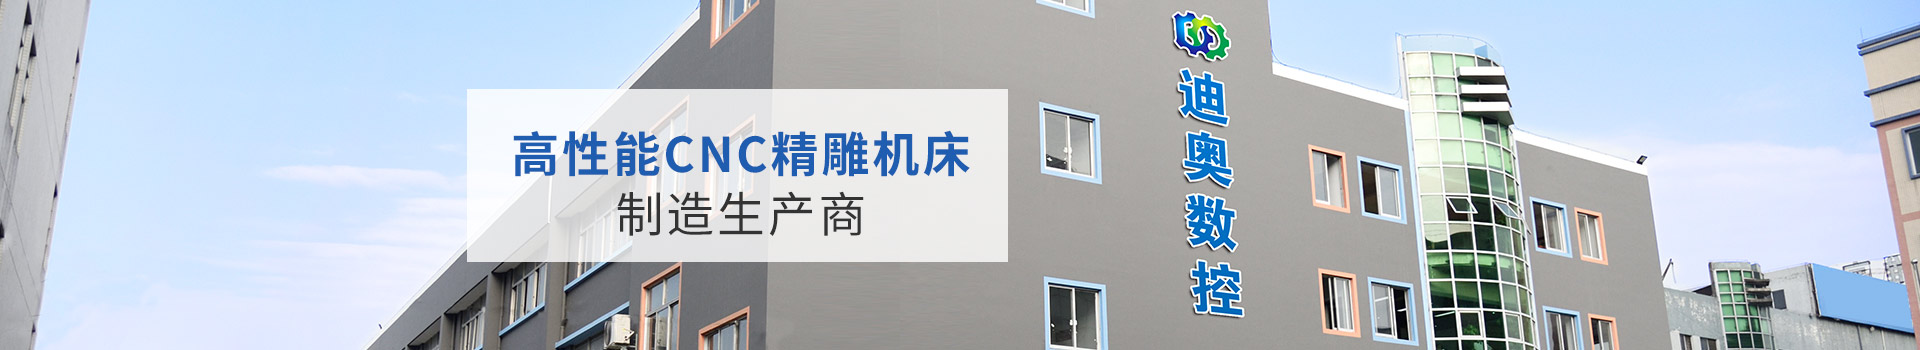 迪奥数控-高性能CNC精雕机床制造生产商